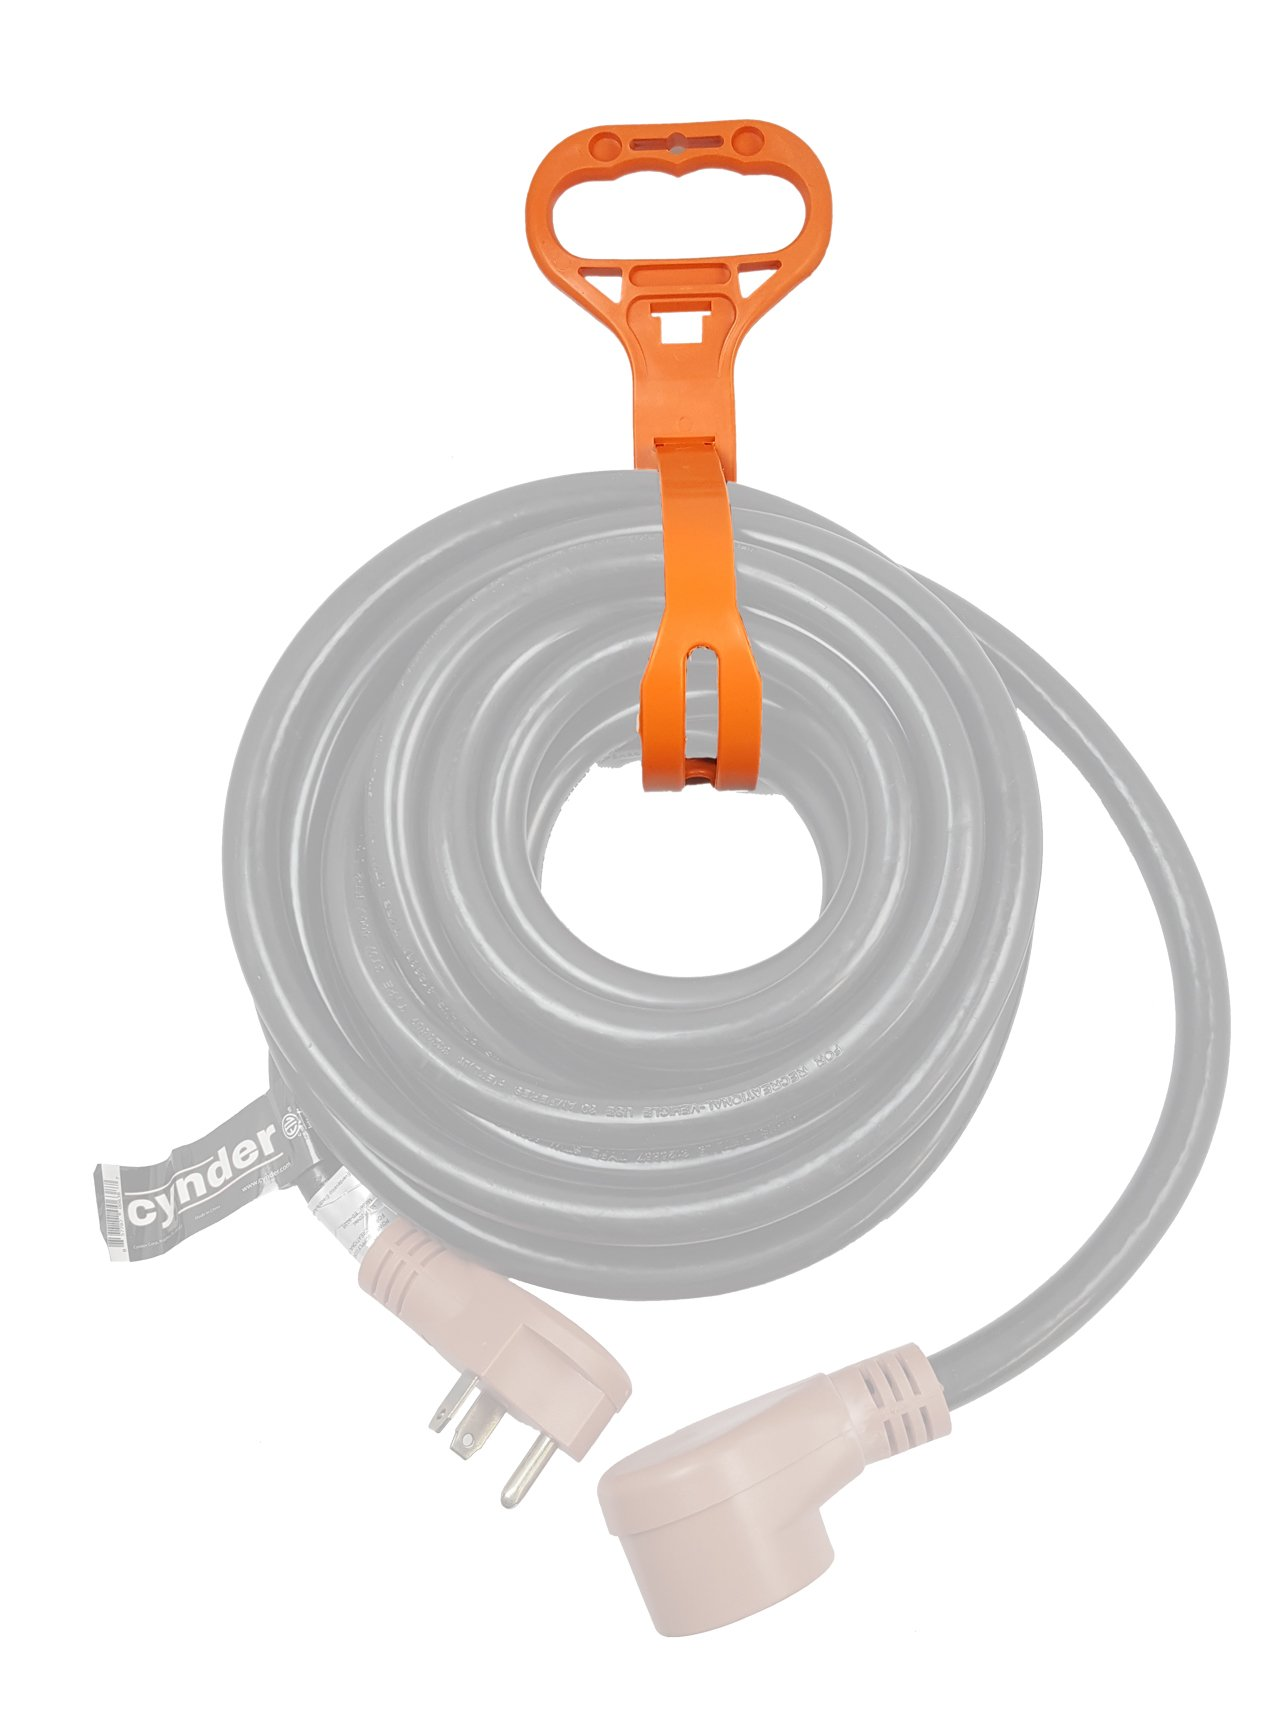 Cynder 02019 Extension Cord Water Hose Organizer Storage Strap Orange